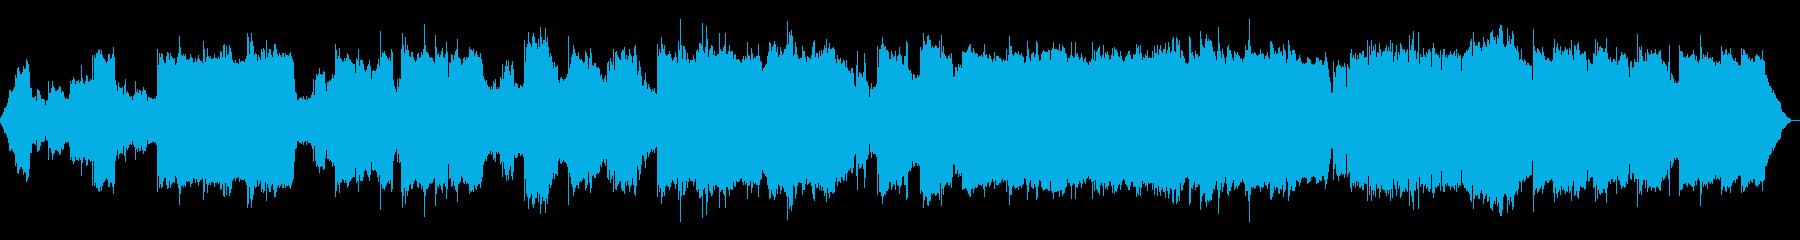 エレクトリックピアノのシンプルなメ...の再生済みの波形